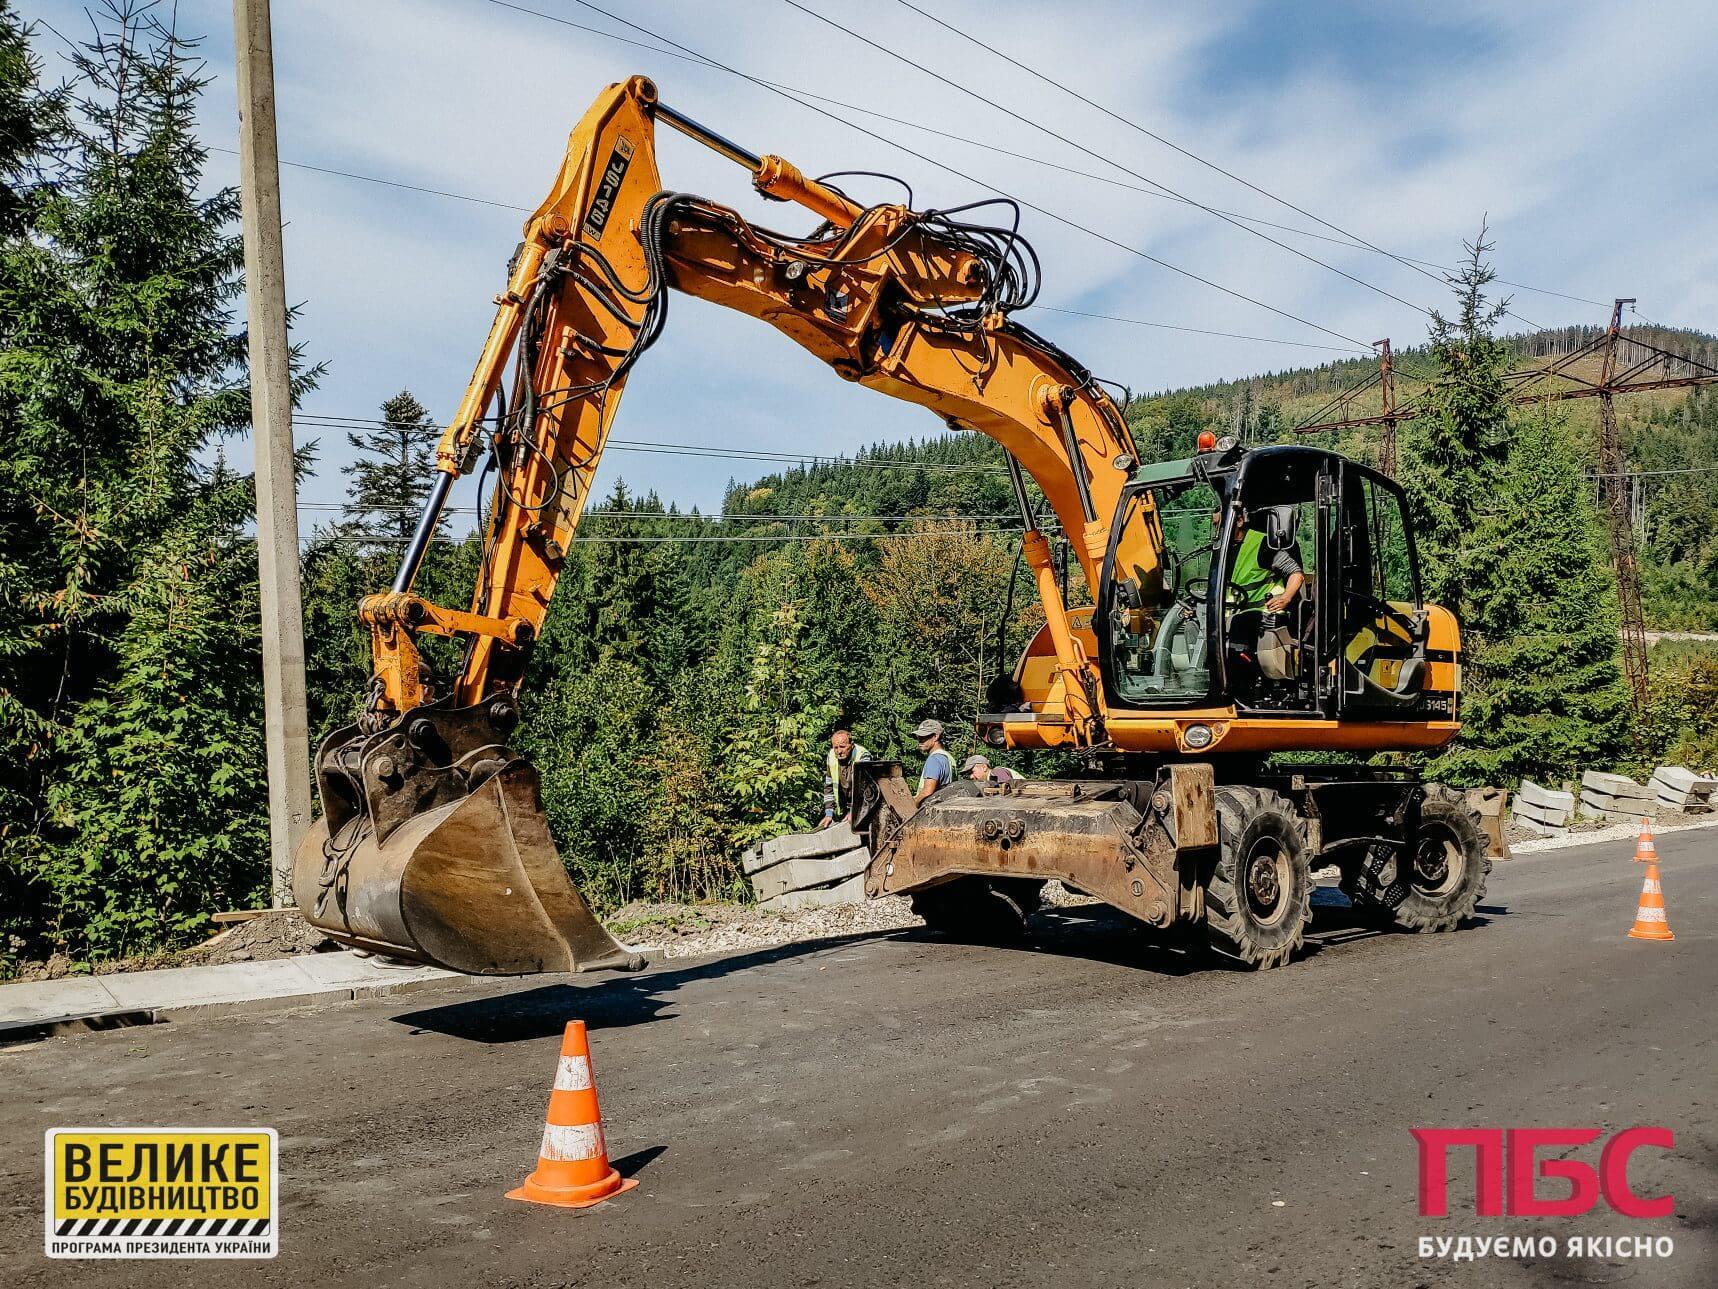 Ремонт на Вишківському перевалі: дорожники встановлюють водовідвідні лотки (ФОТО)